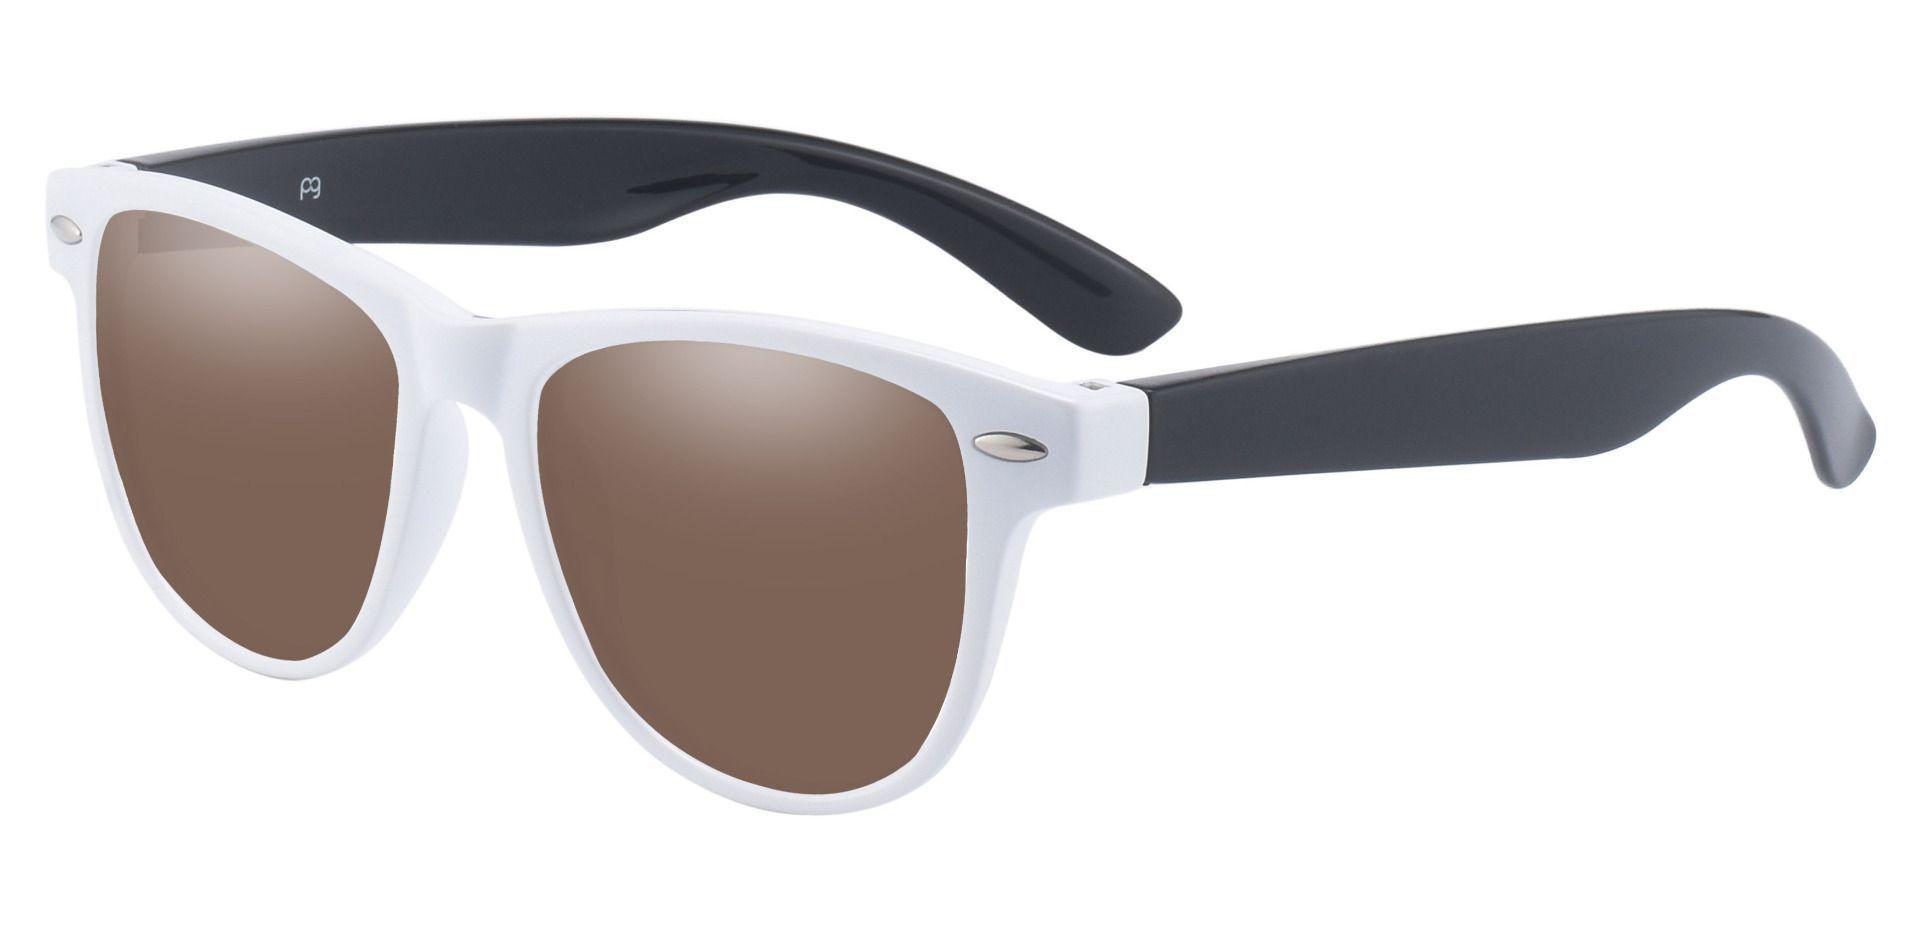 Radio Square Prescription Sunglasses - White Frame With Brown Lenses